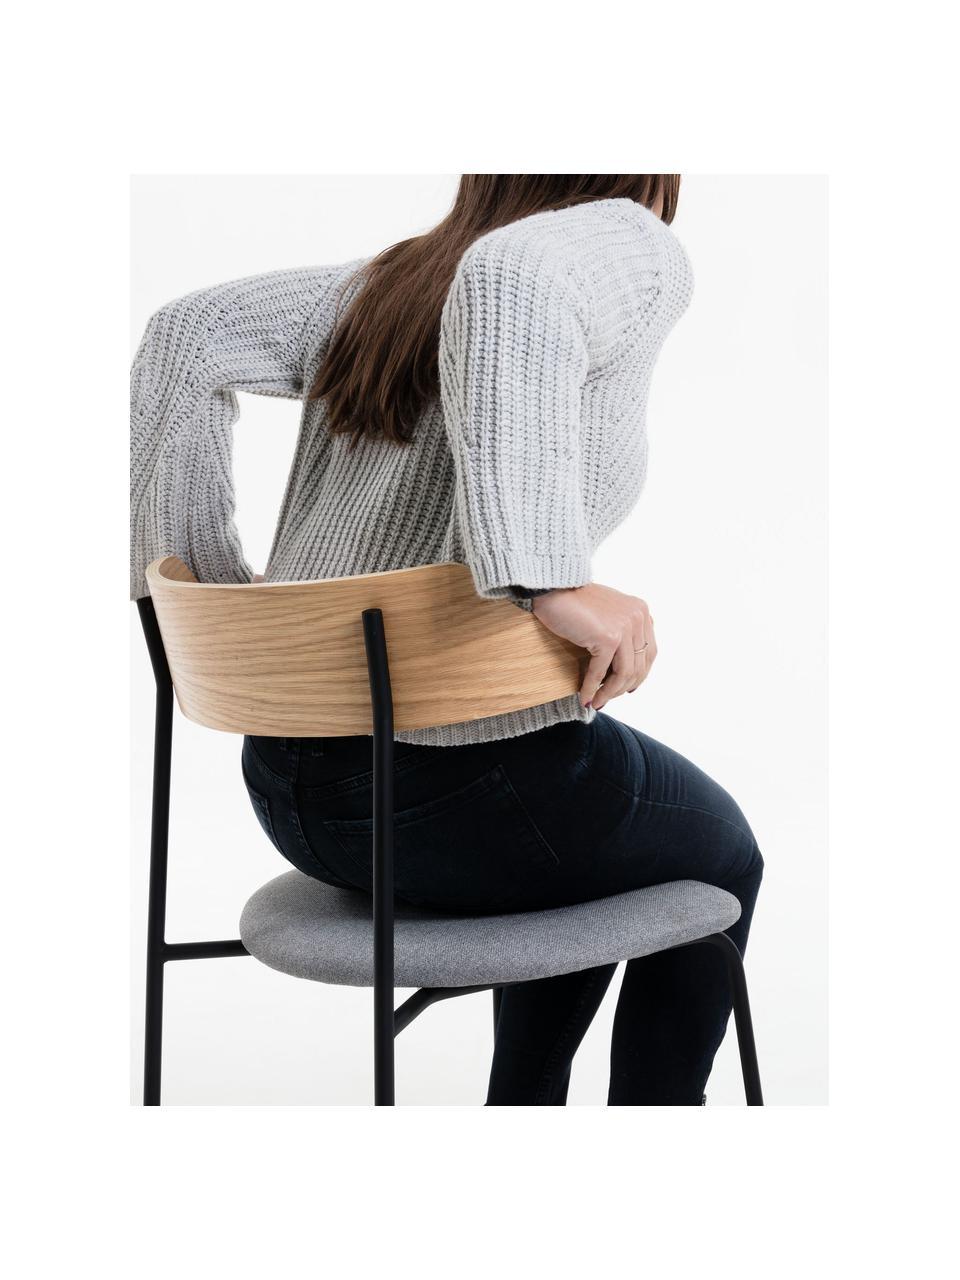 Krzesło tapicerowane z oparciem z drewna naturalnego Olympia, 2 szt., Szary, drewno dębowe, S 52 x G 49 cm